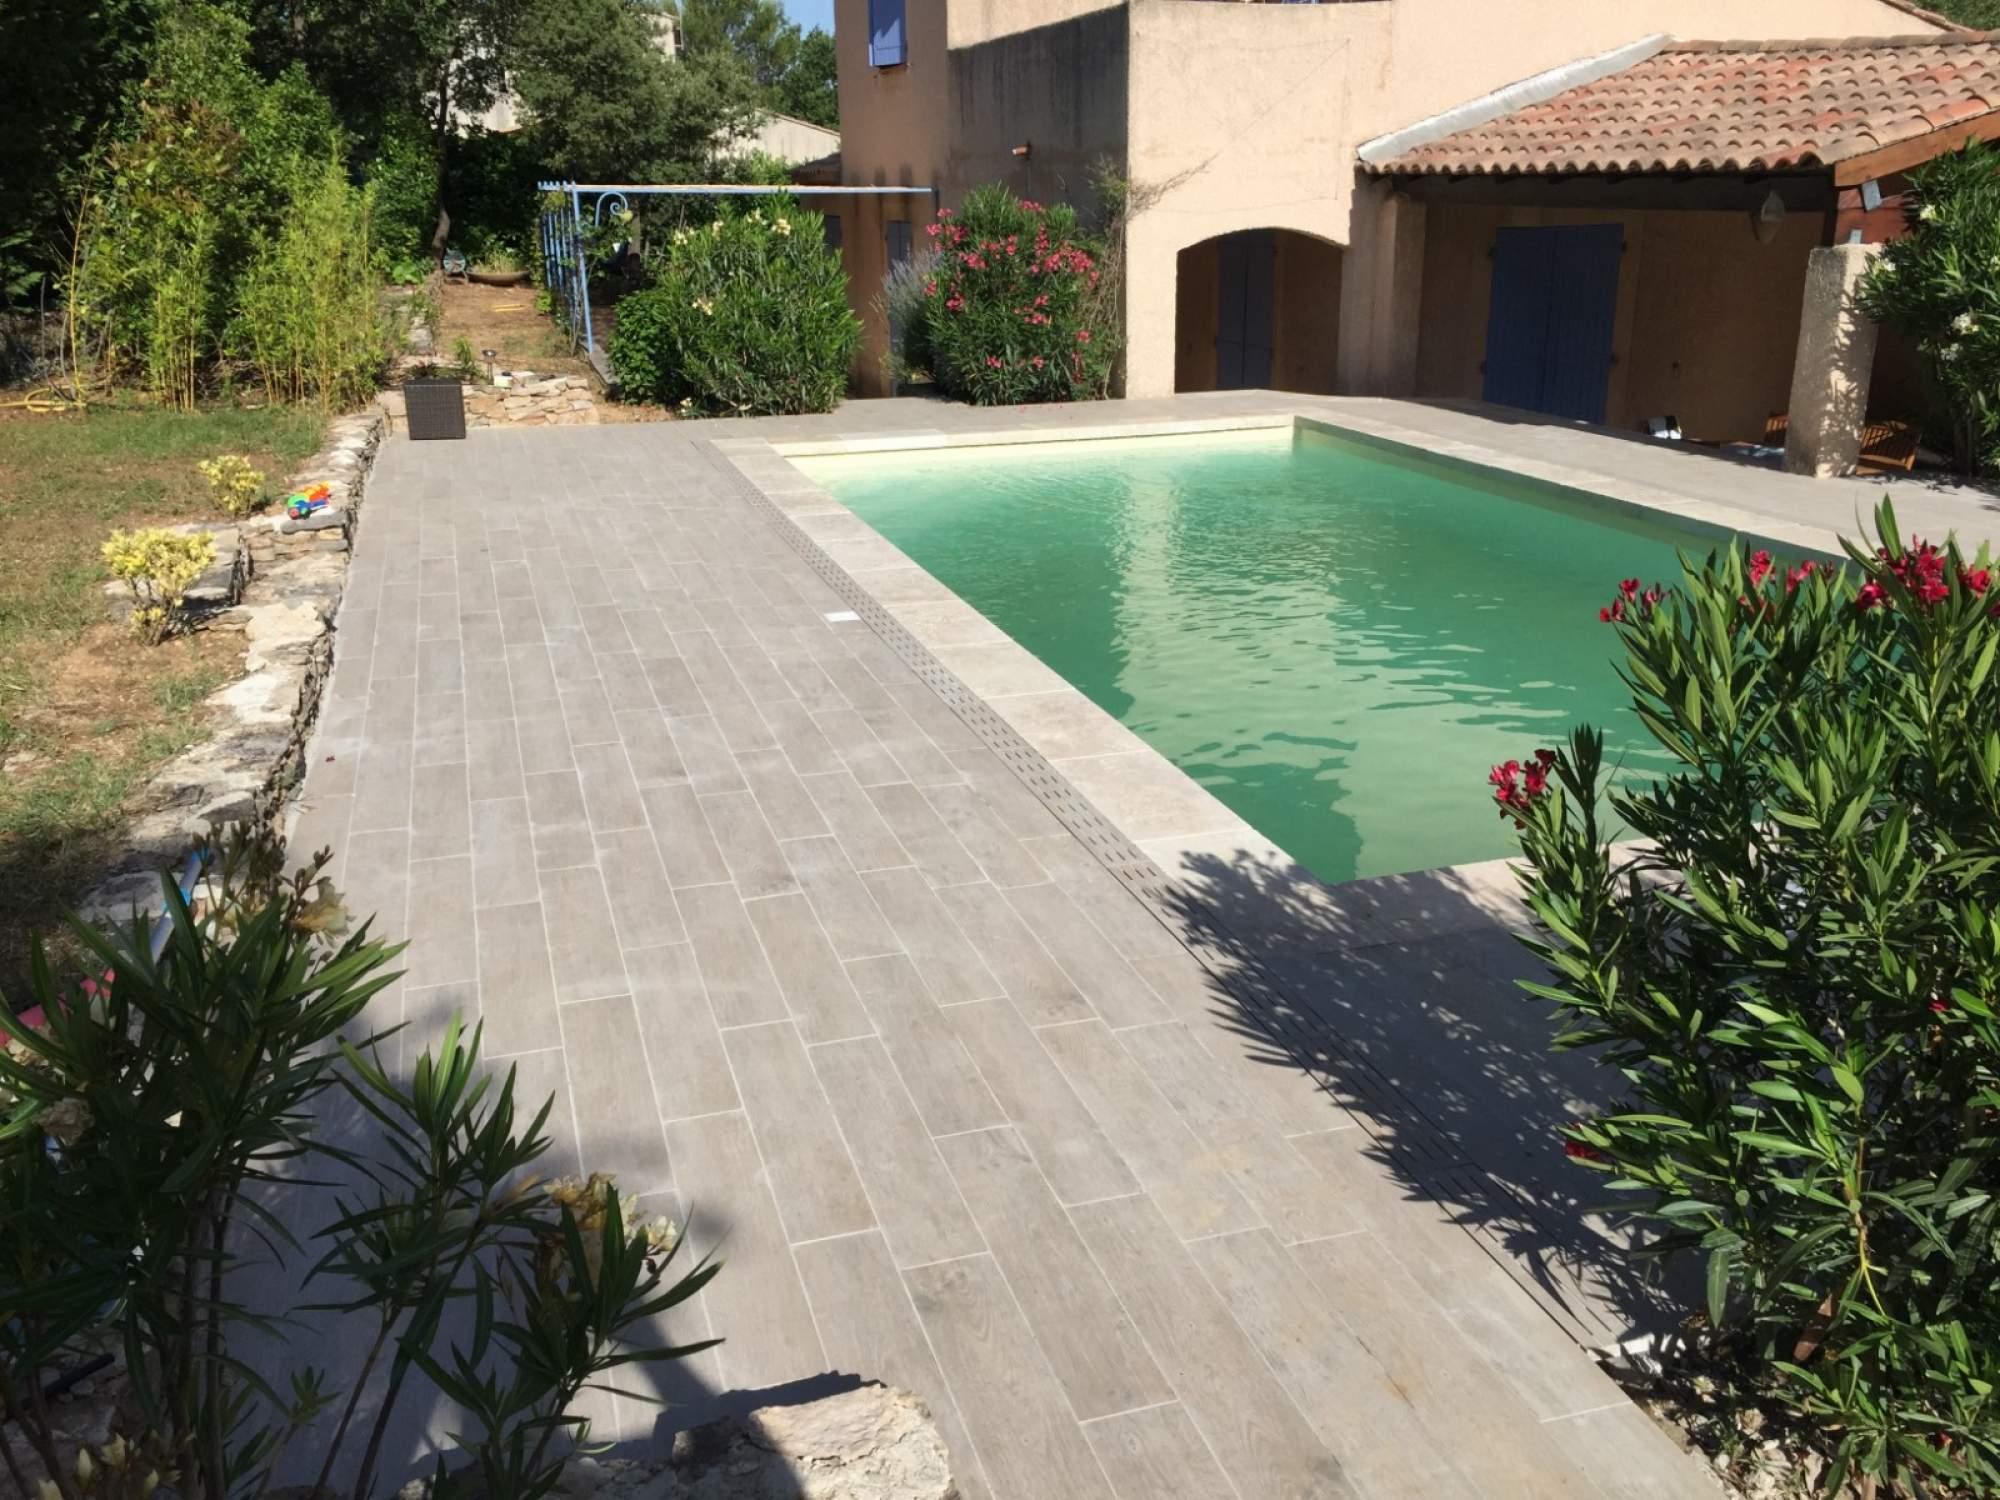 carrelage terrasse piscine imitation bois. Black Bedroom Furniture Sets. Home Design Ideas